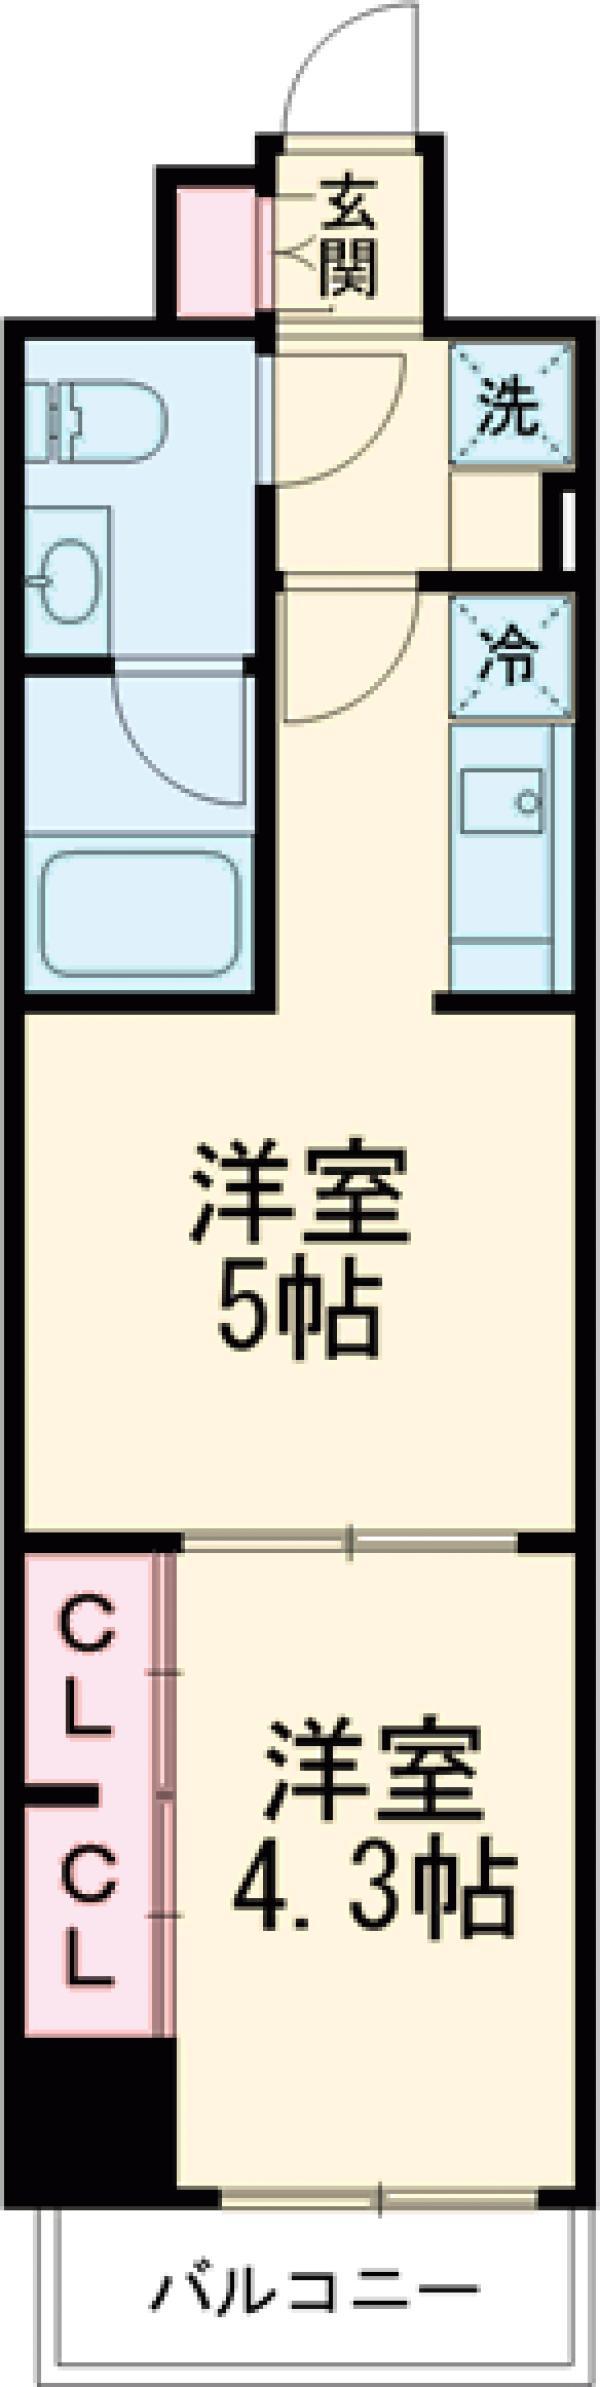 ラフィスタ調布多摩川 303号室の間取り